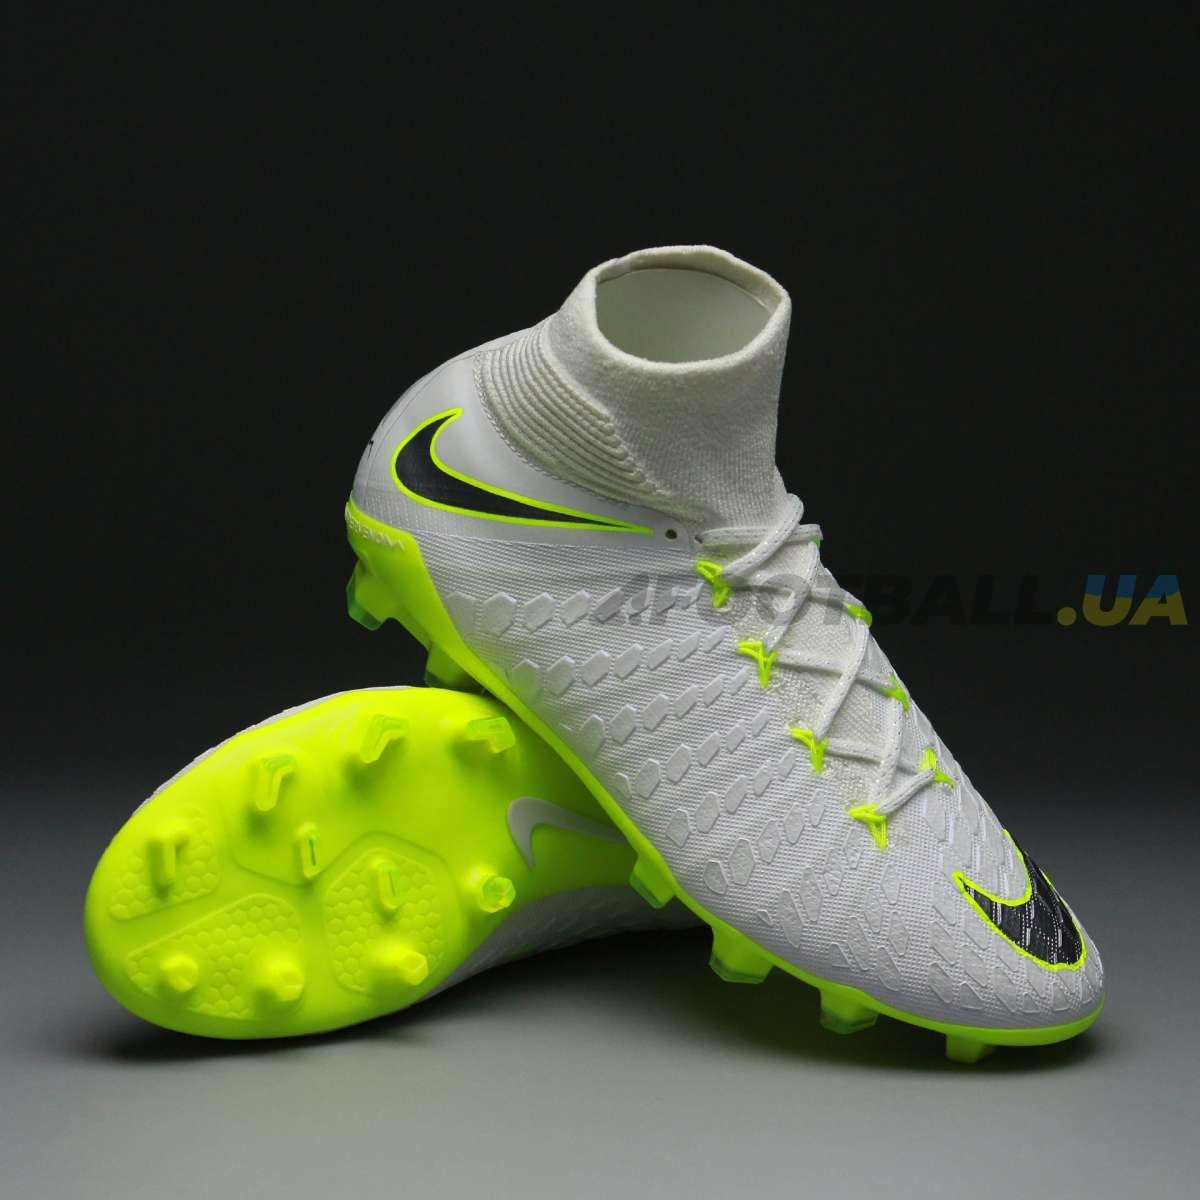 ca826d651818 🥇 Бутсы Найк — купить заказать футбольные бутсы Nike с носком ...